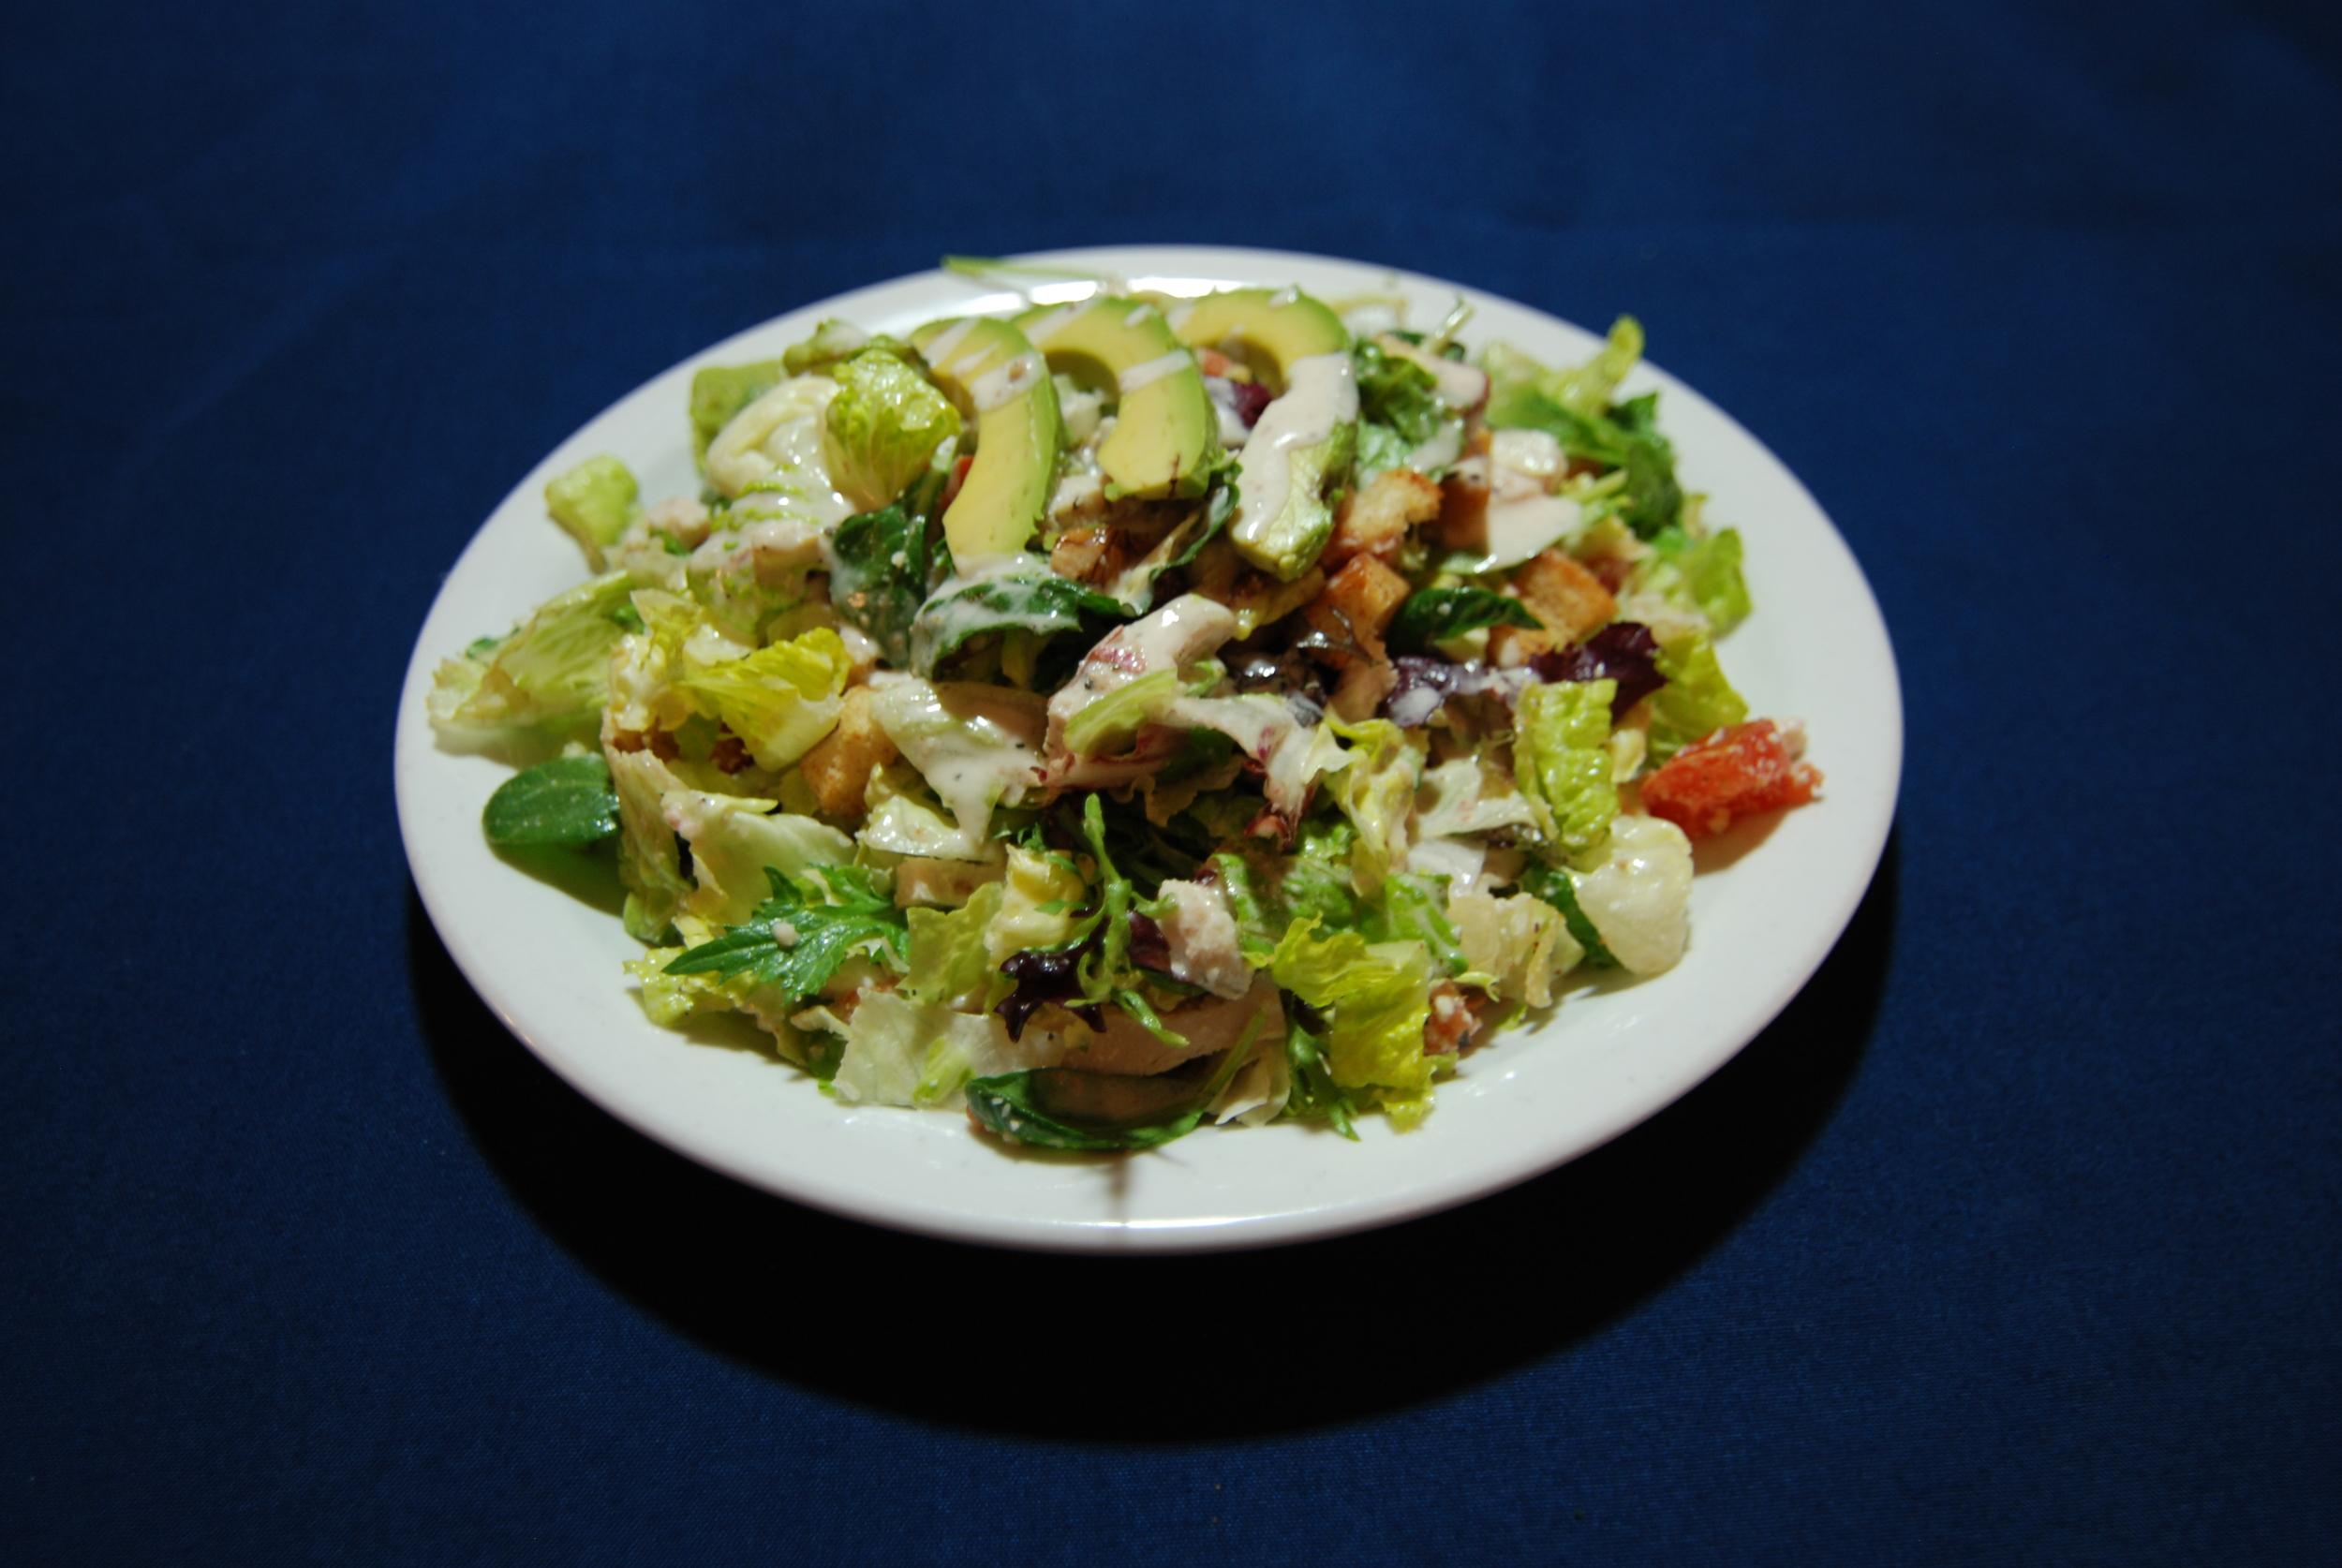 Emperor's Chicken Caesar Salad